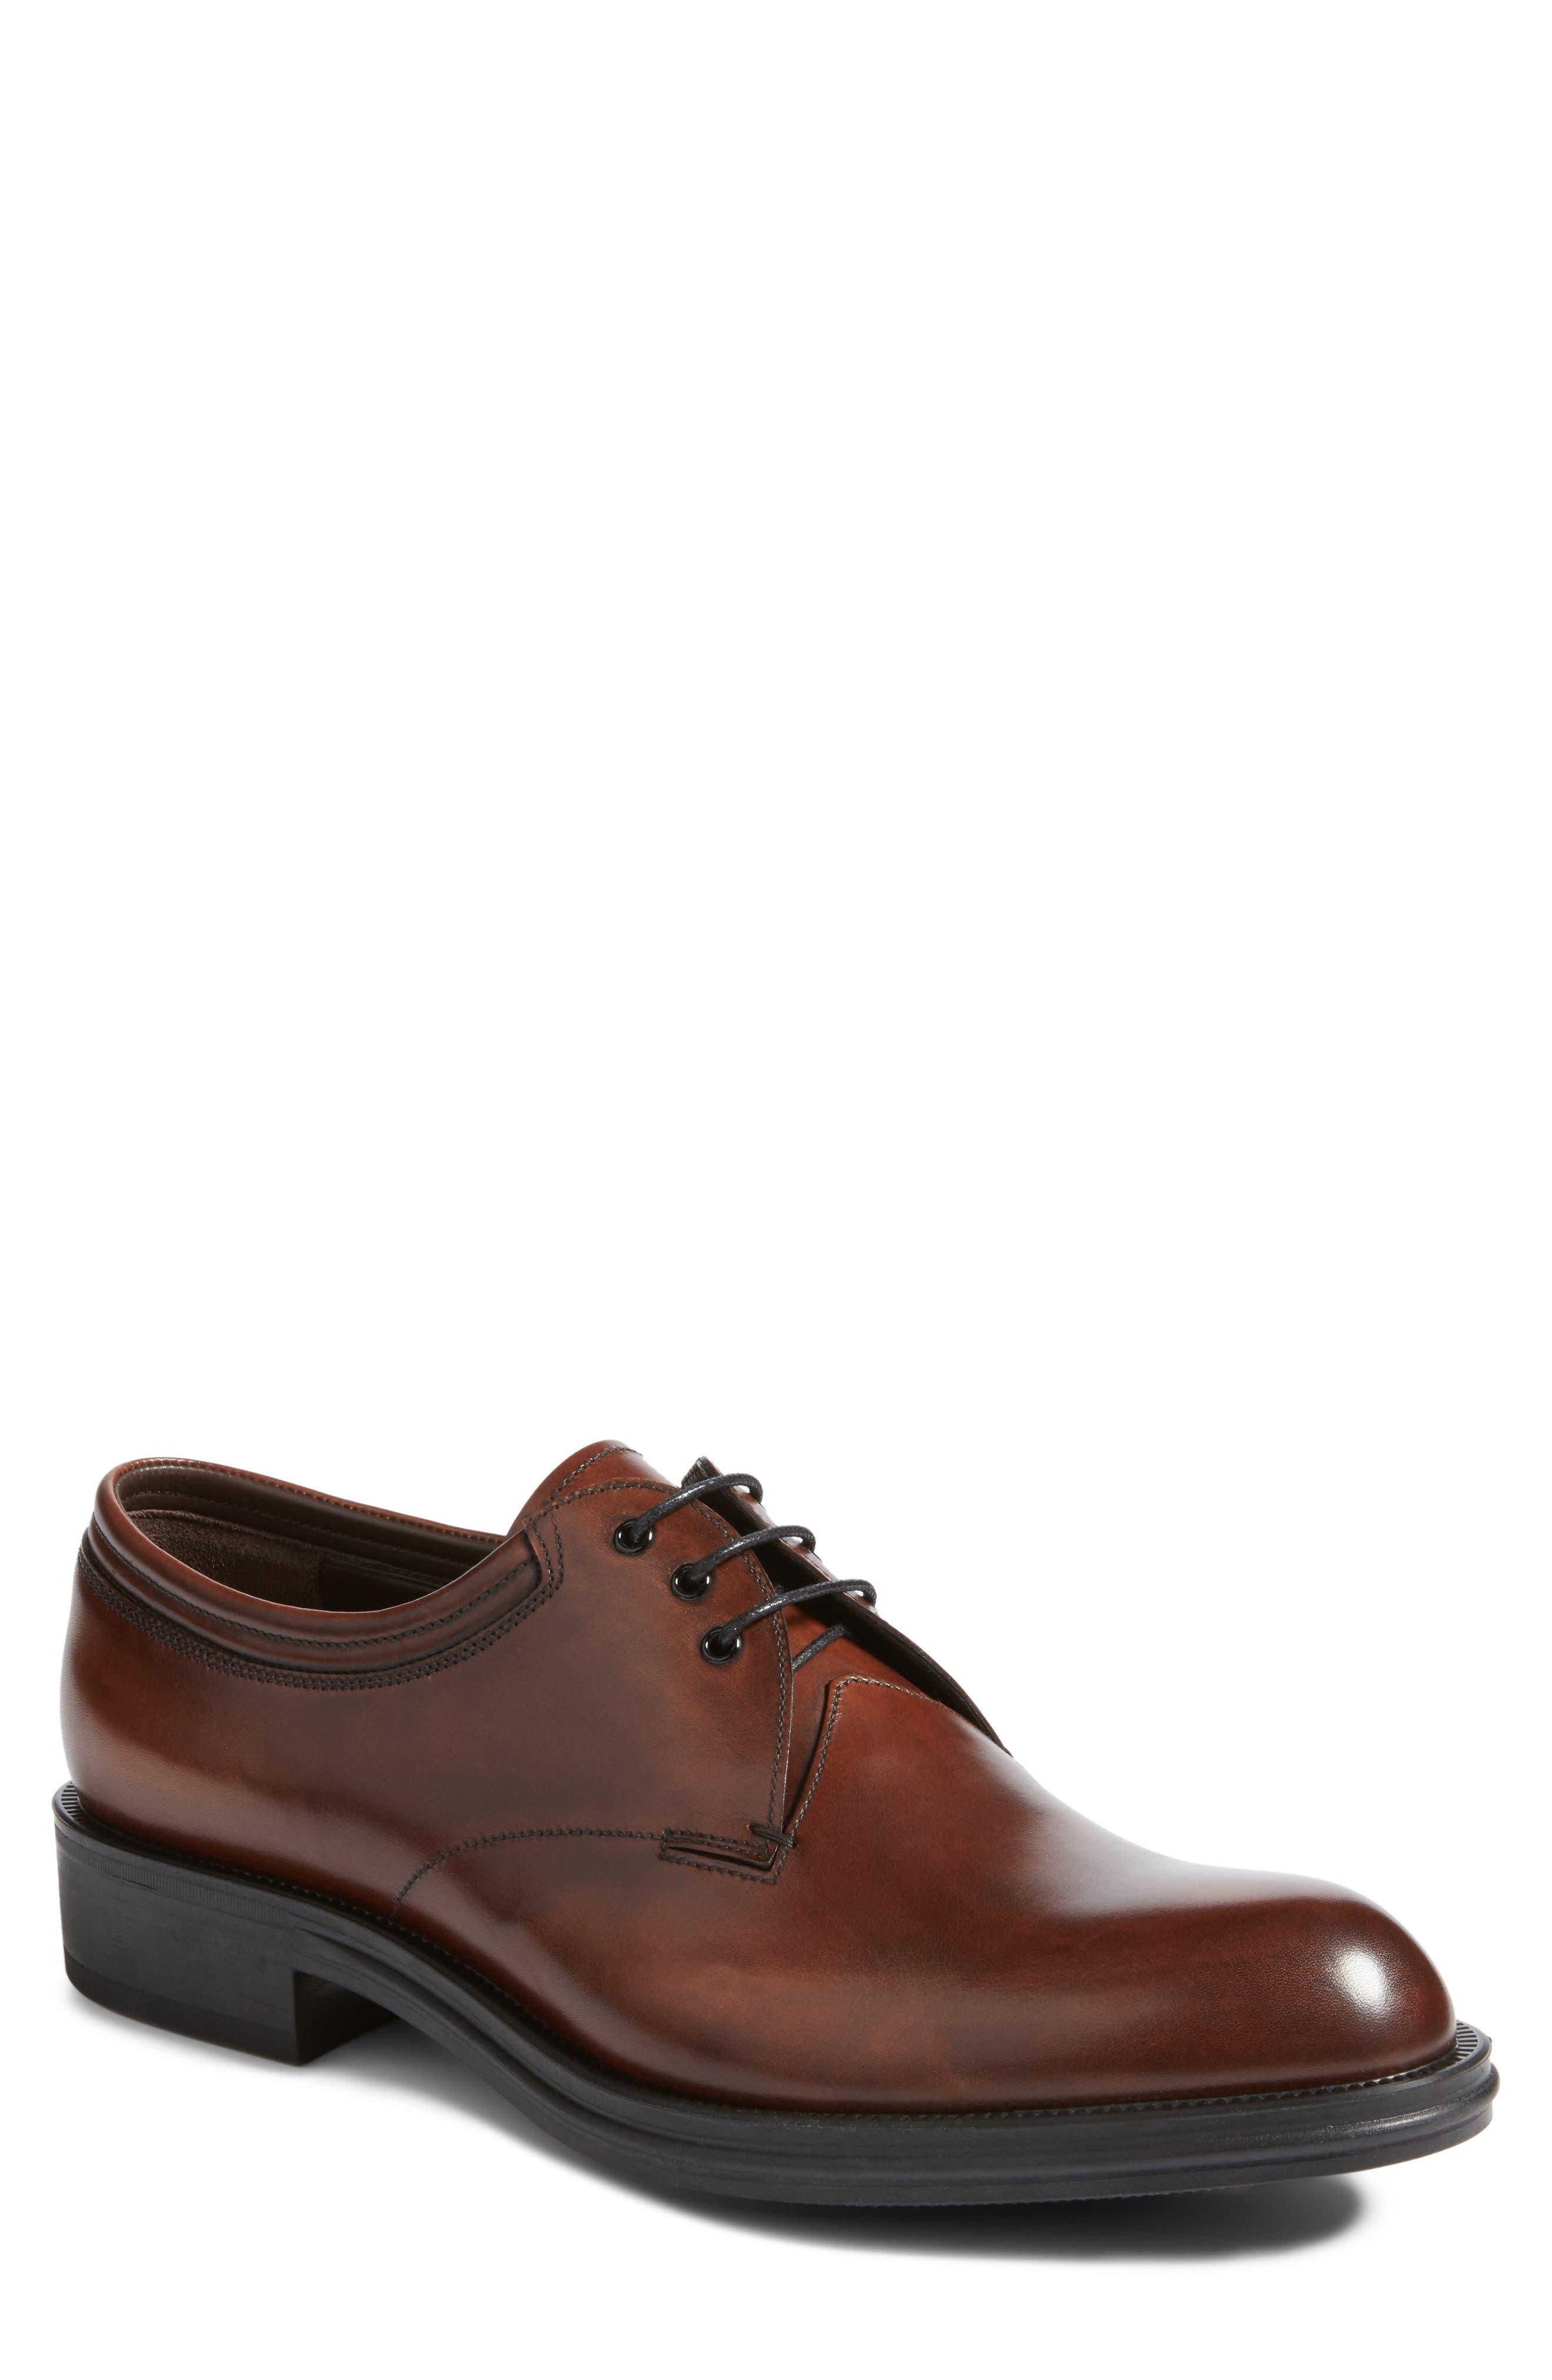 Prada Plain Toe Derby (Men)